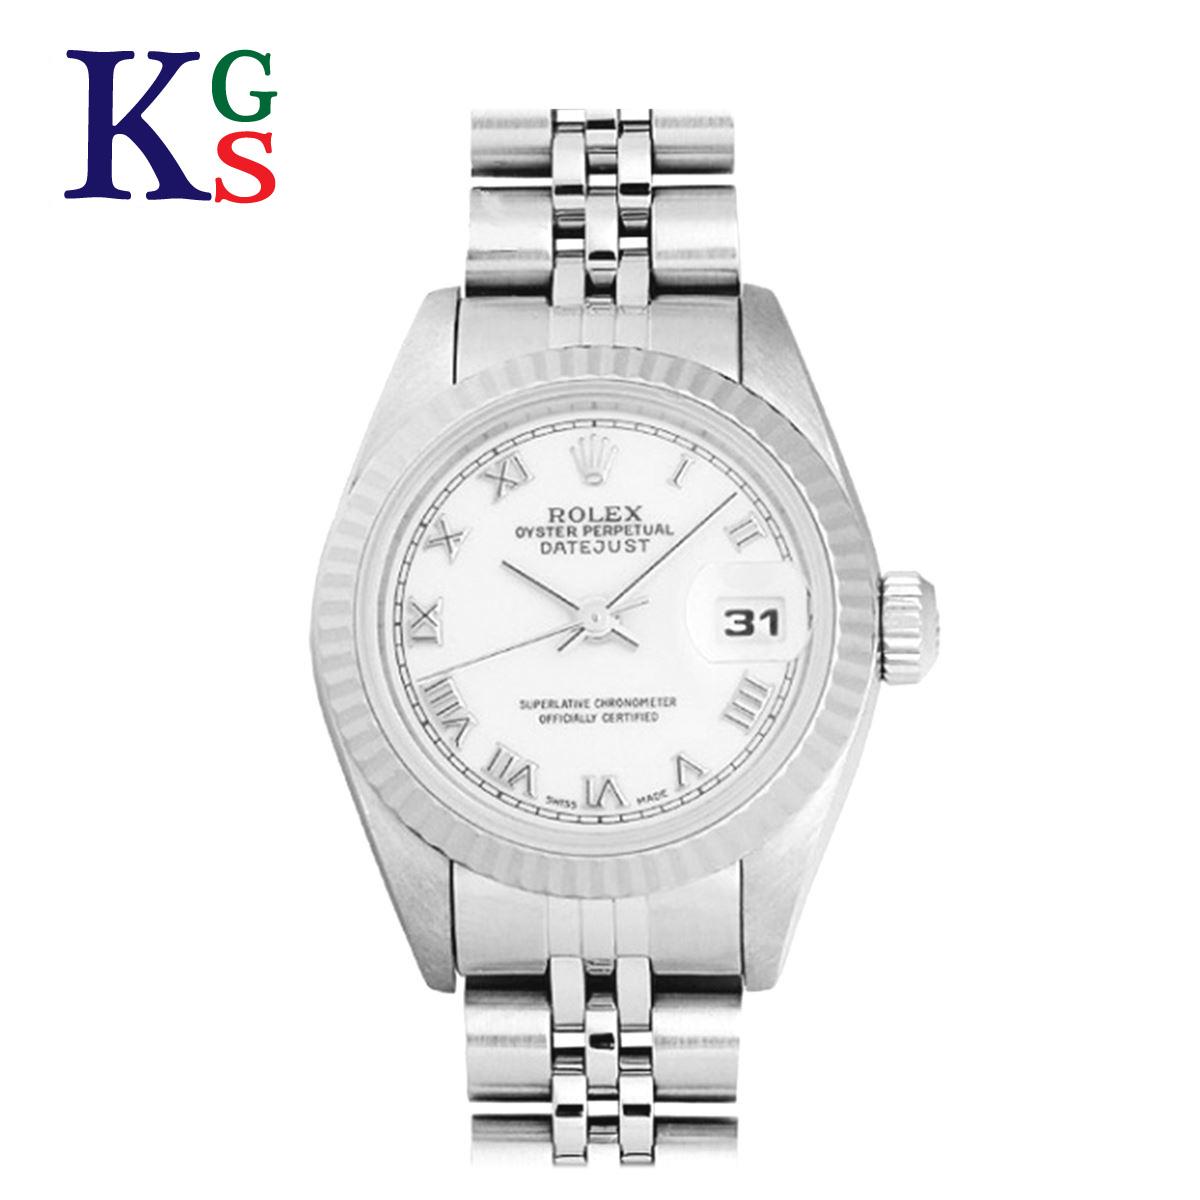 【ギフト品質】ロレックス/ROLEX レディース 腕時計 デイトジャスト K18WG×SS ホワイト文字盤 ローマ文字盤 69174